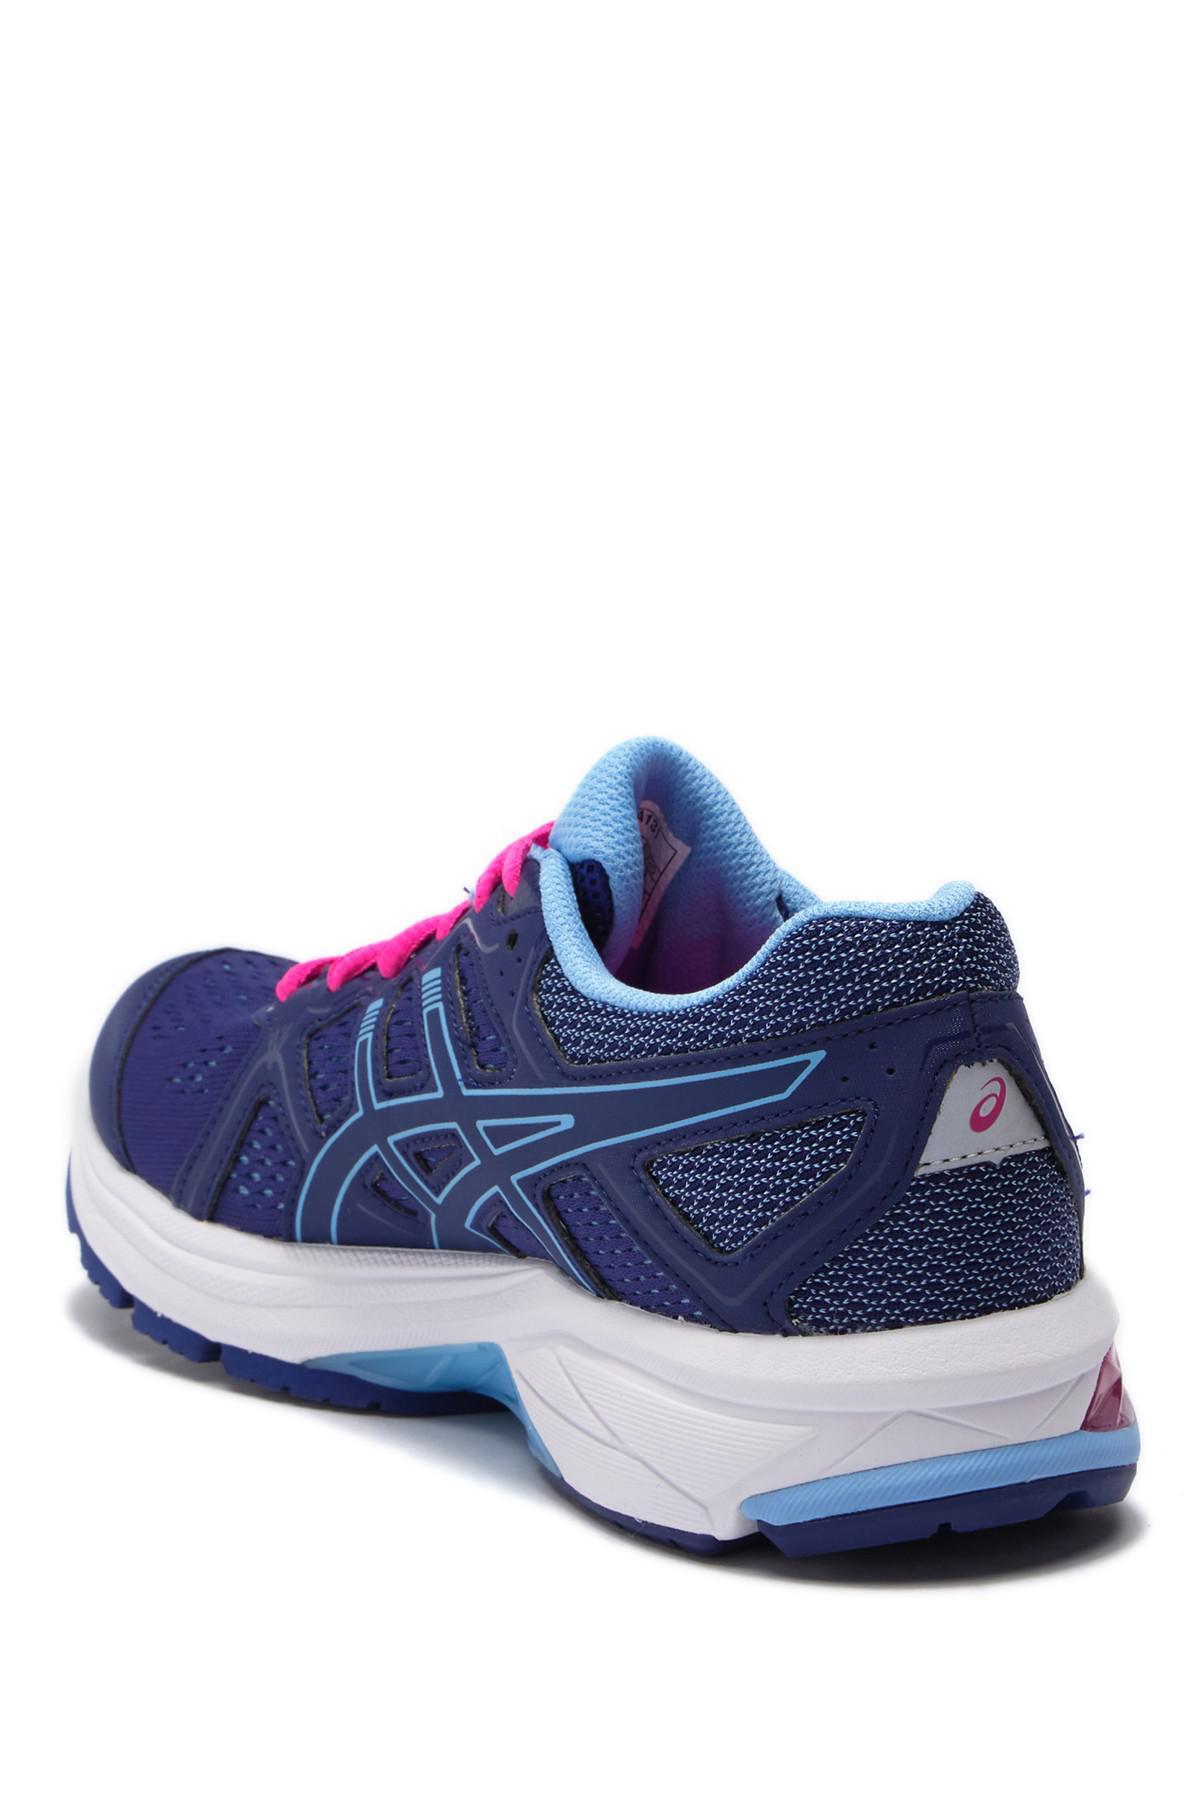 678341a2e9a Lyst - Asics Gt-xpress Running Sneaker in Blue